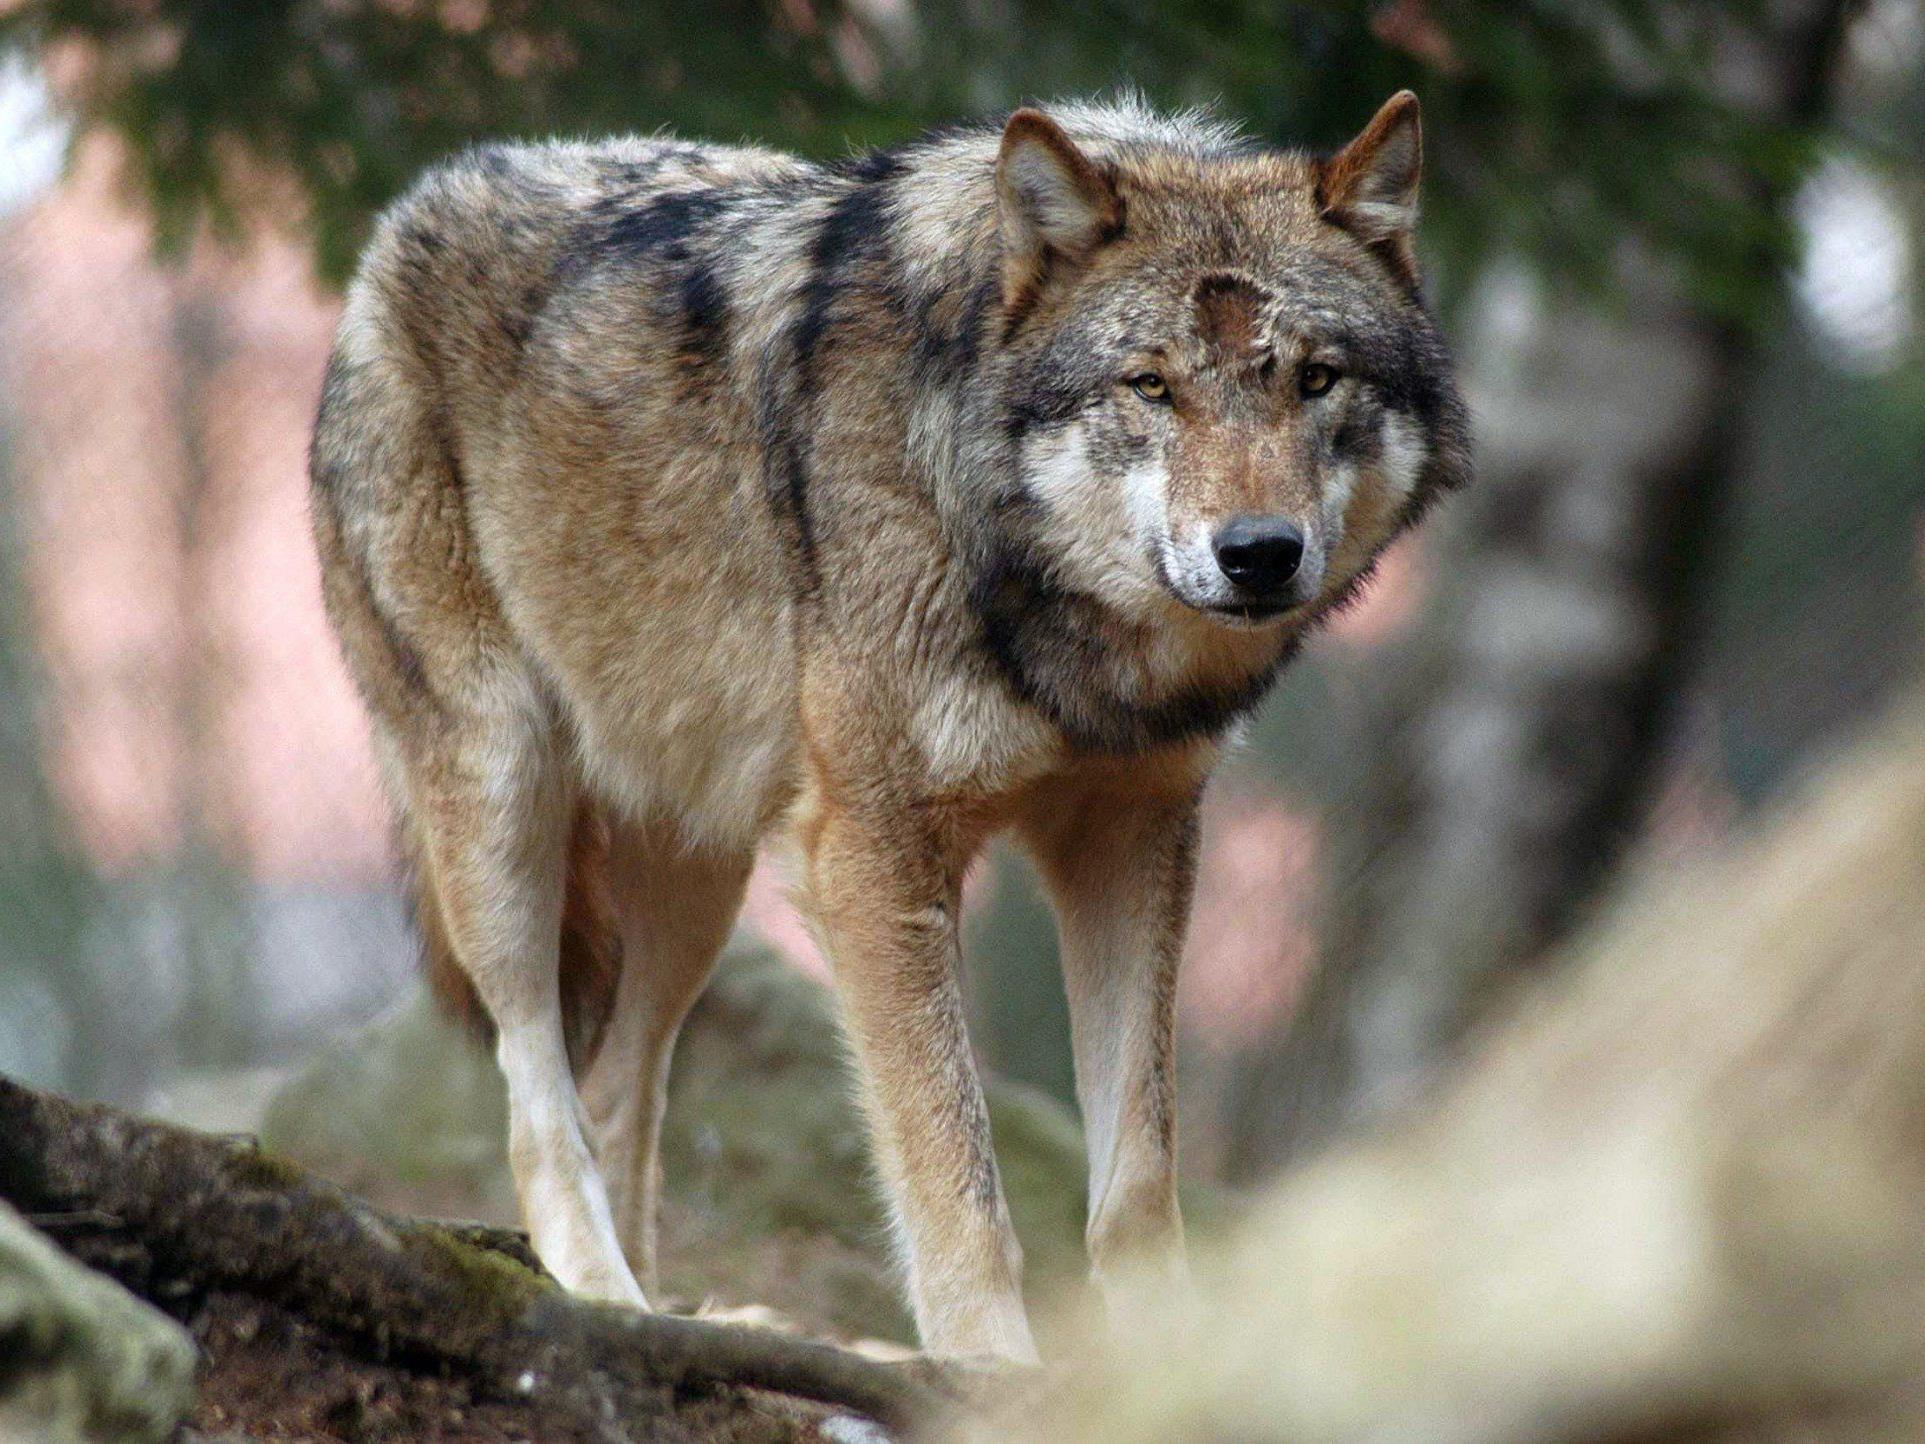 Tierschützer bitten um Hinweise auf unbekannten Schützen